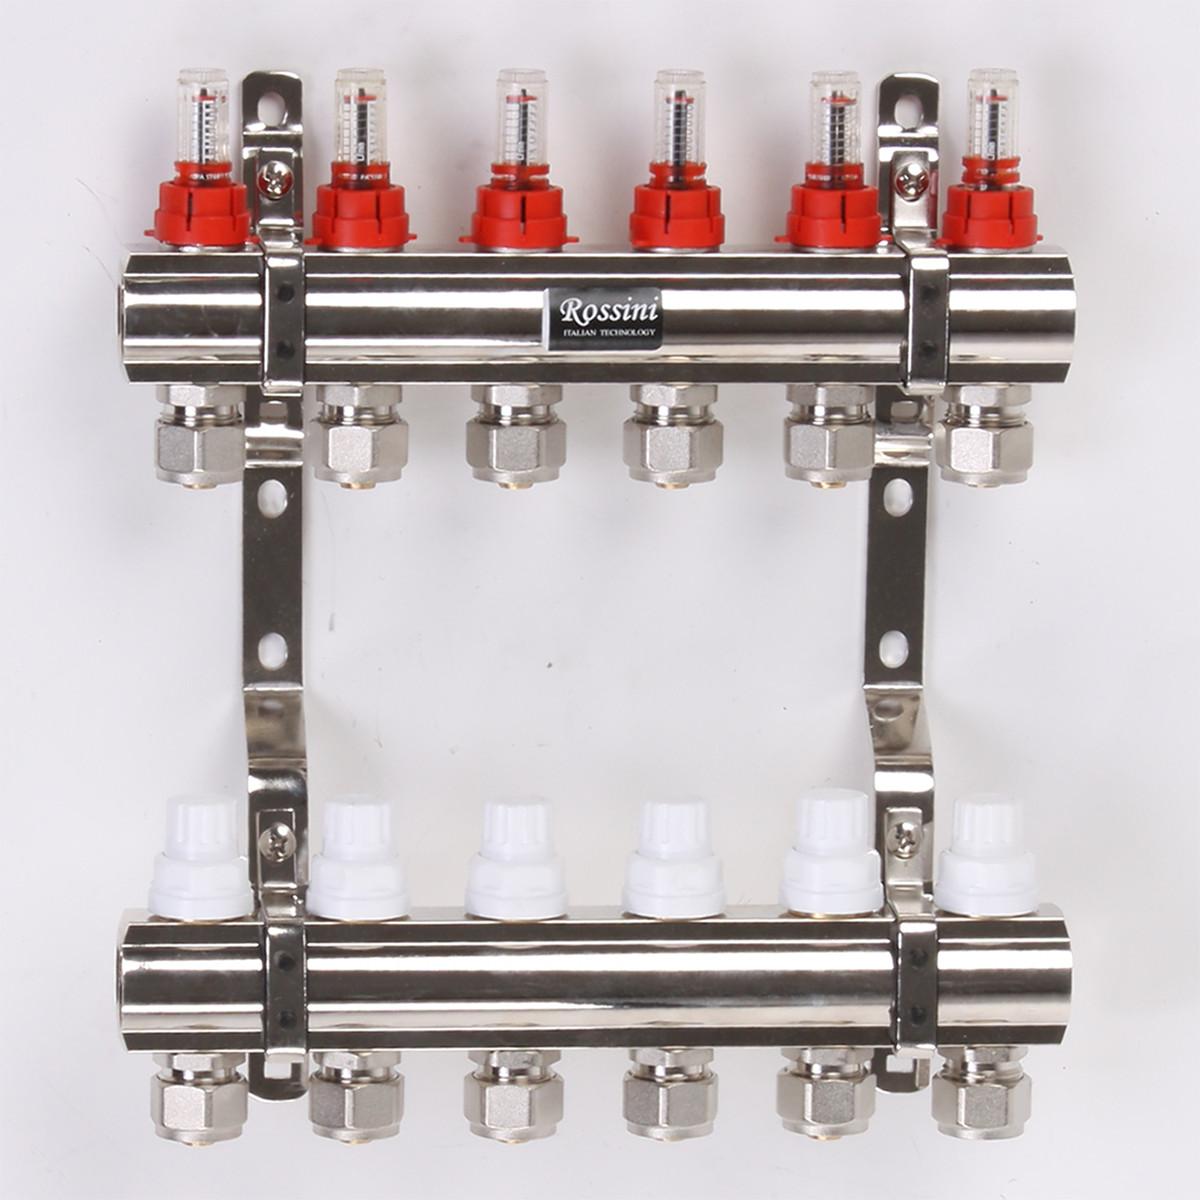 """Коллектор ROSSINI с расходомерами, термоклапанами и евроконусами 1""""x3/4"""" 6 выходов"""